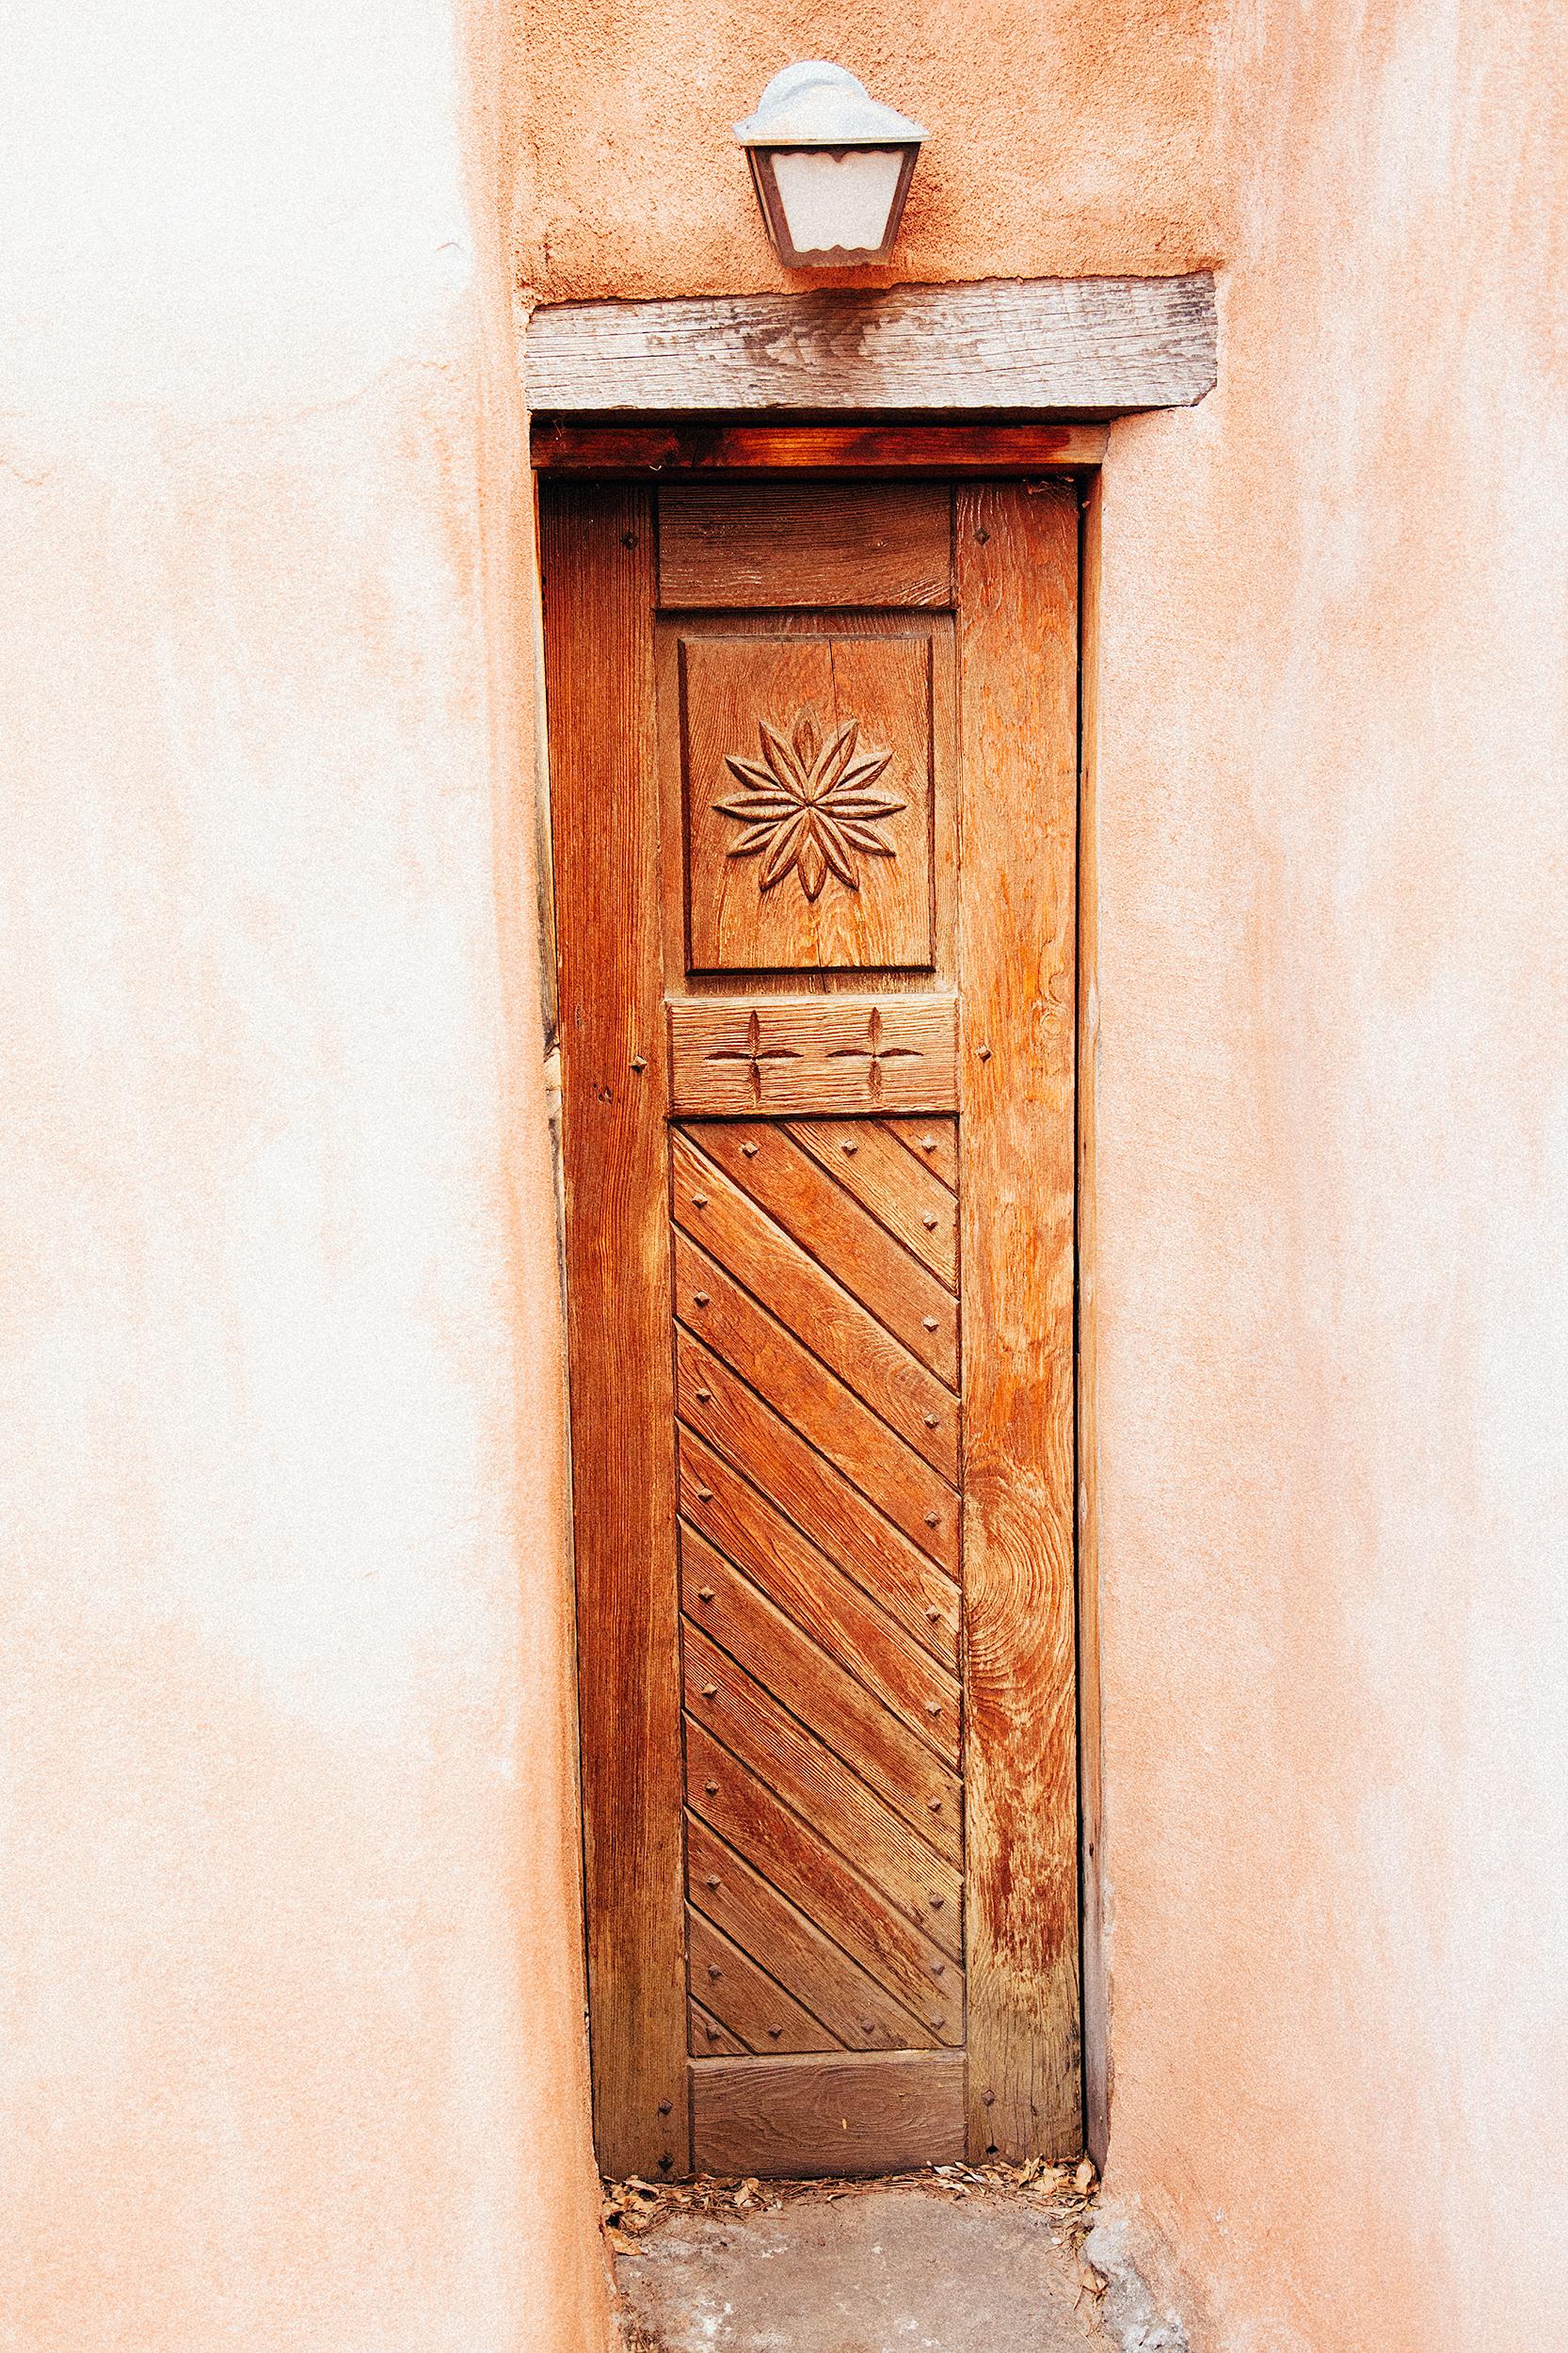 Door detail, Old Town Albuquerque